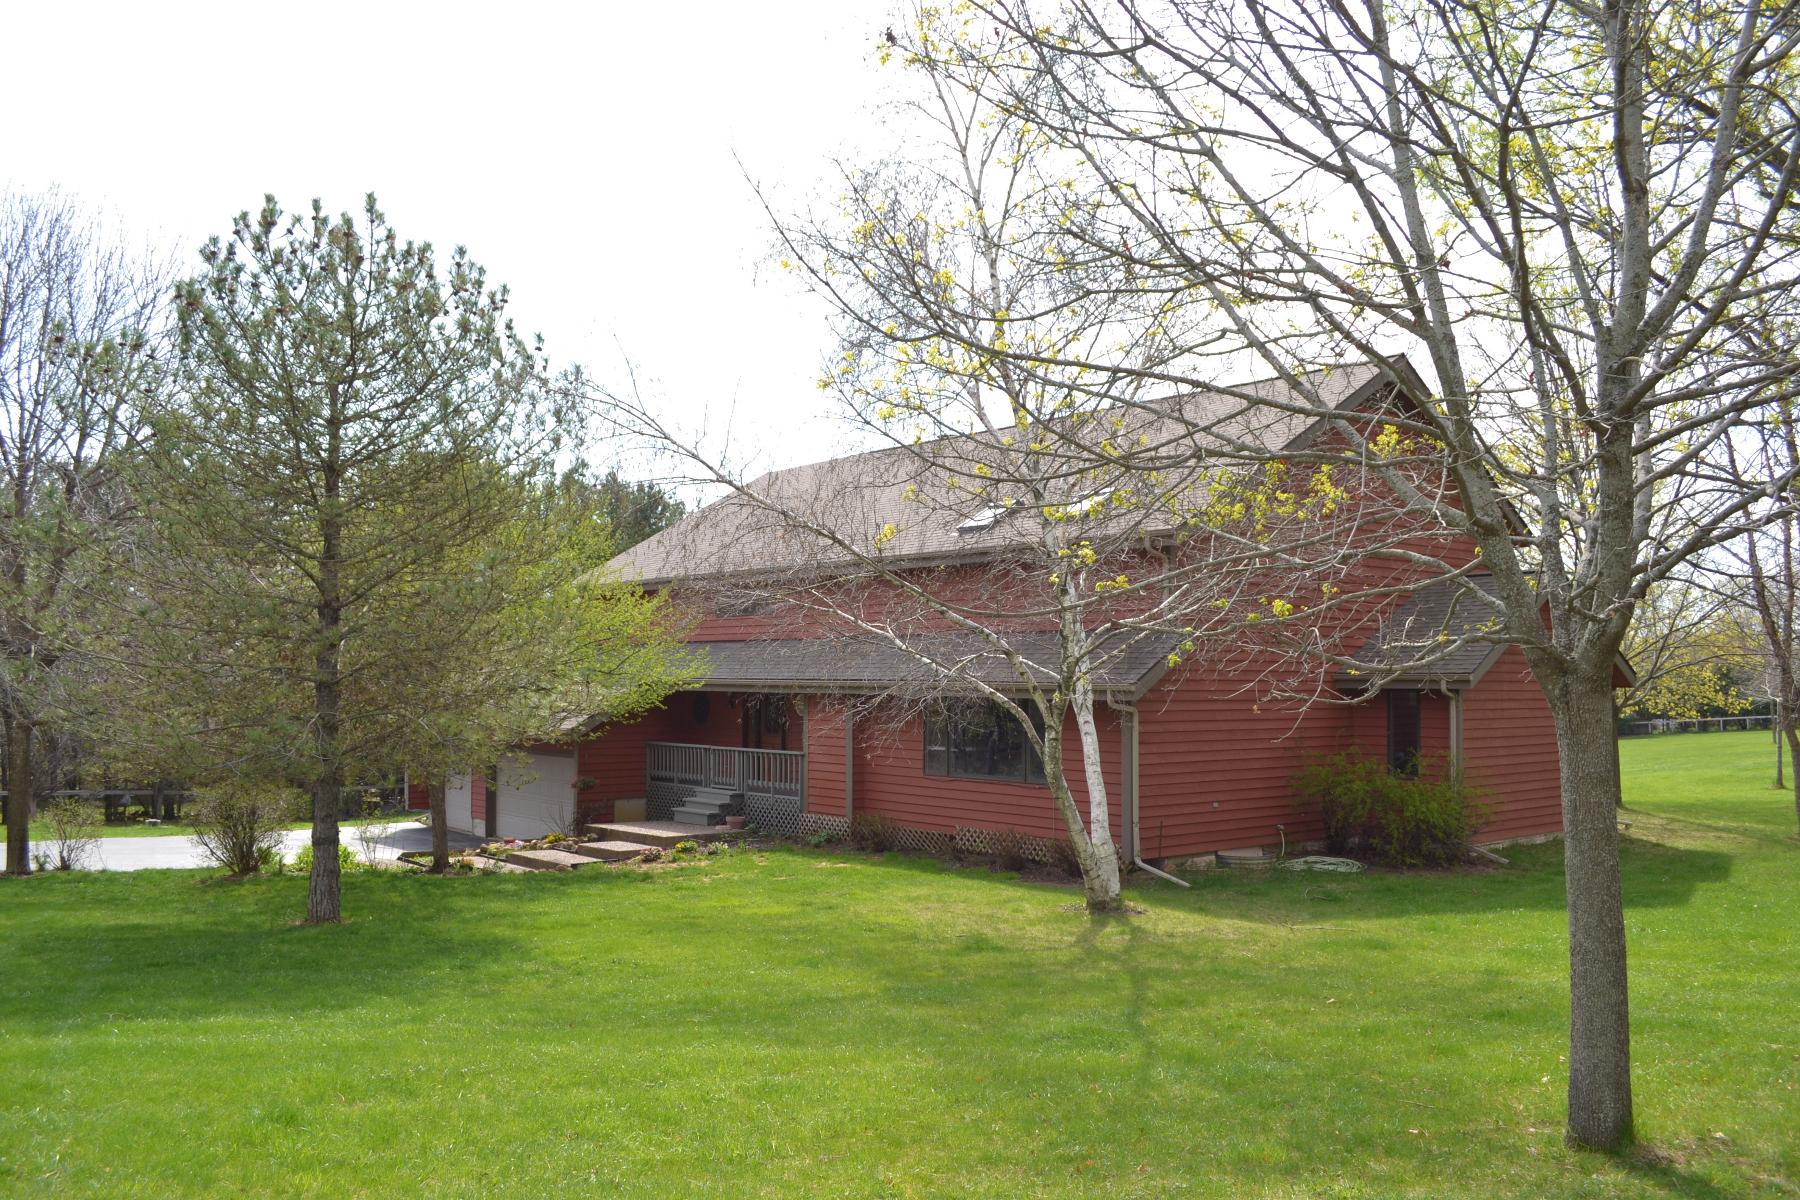 独户住宅 为 销售 在 13919 Appleby Court 伍德斯托克, 伊利诺斯州 60098 美国